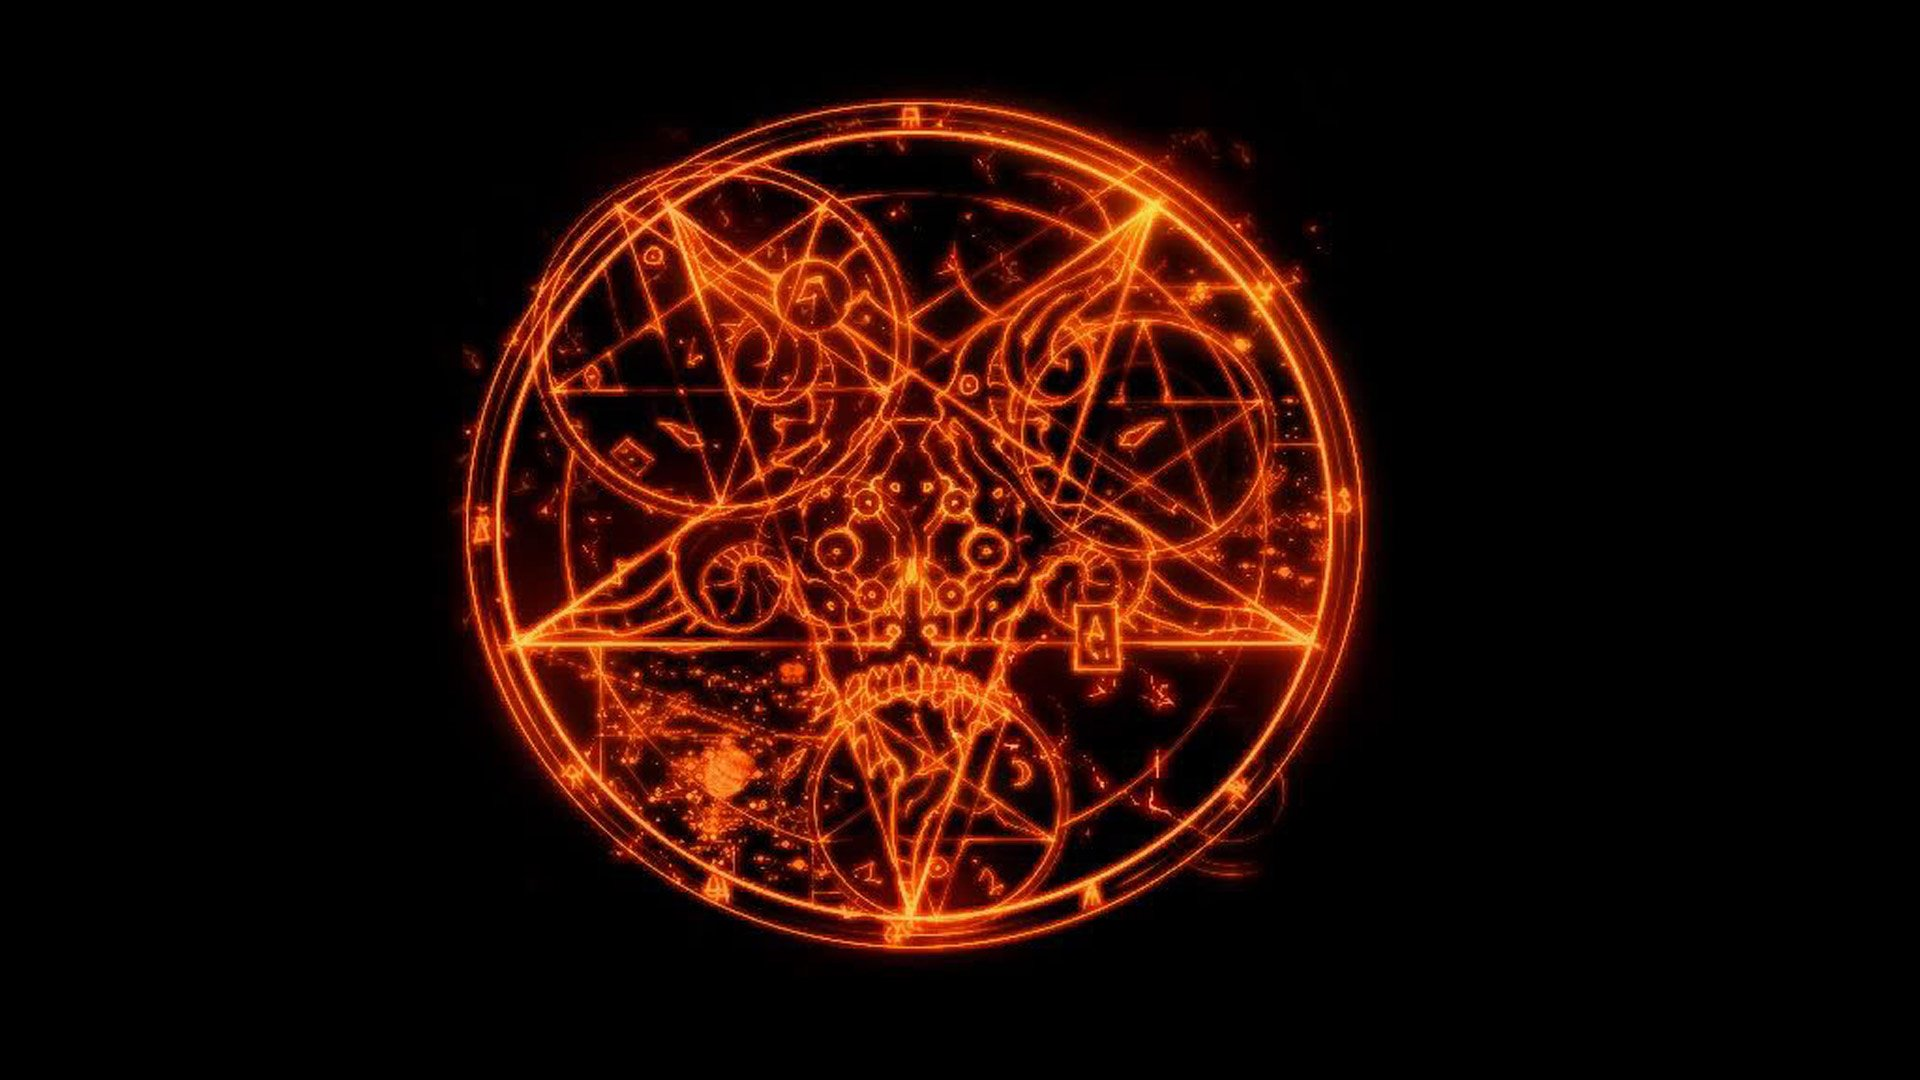 Dark   Occult Wallpaper 1920x1080